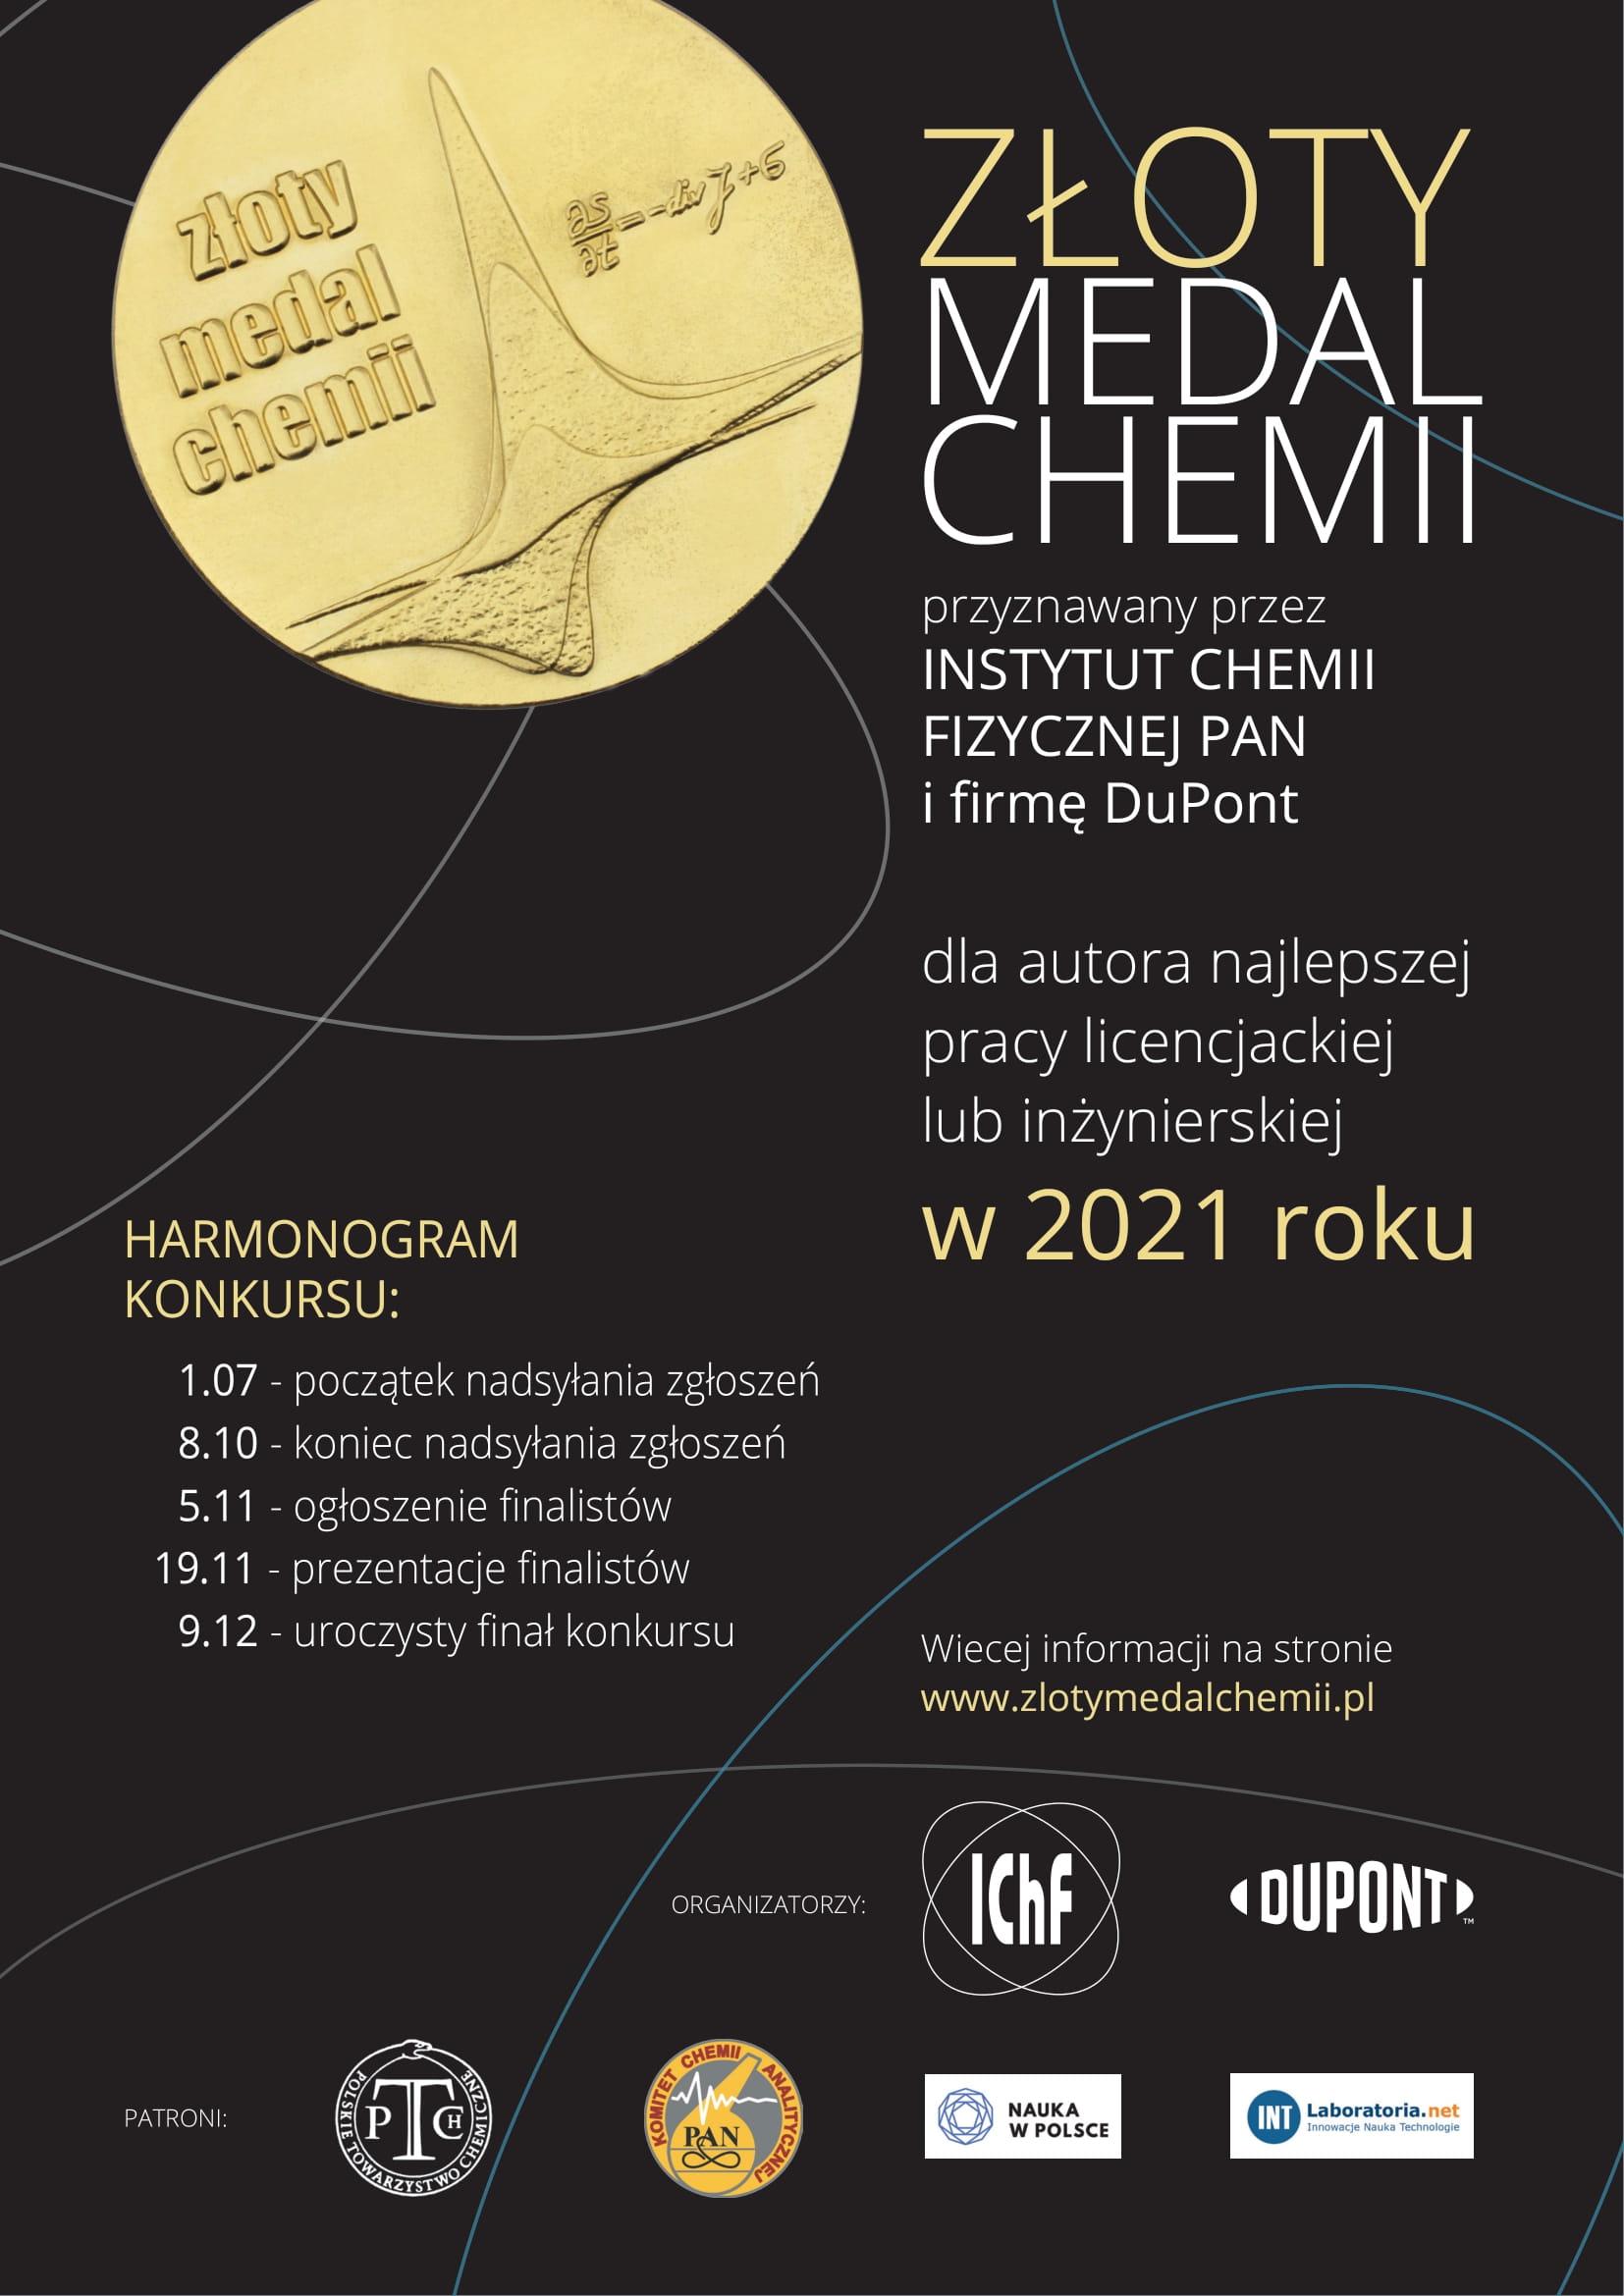 Zloty Medal Chemii 2021_A4-1.jpg (262,98 kB)